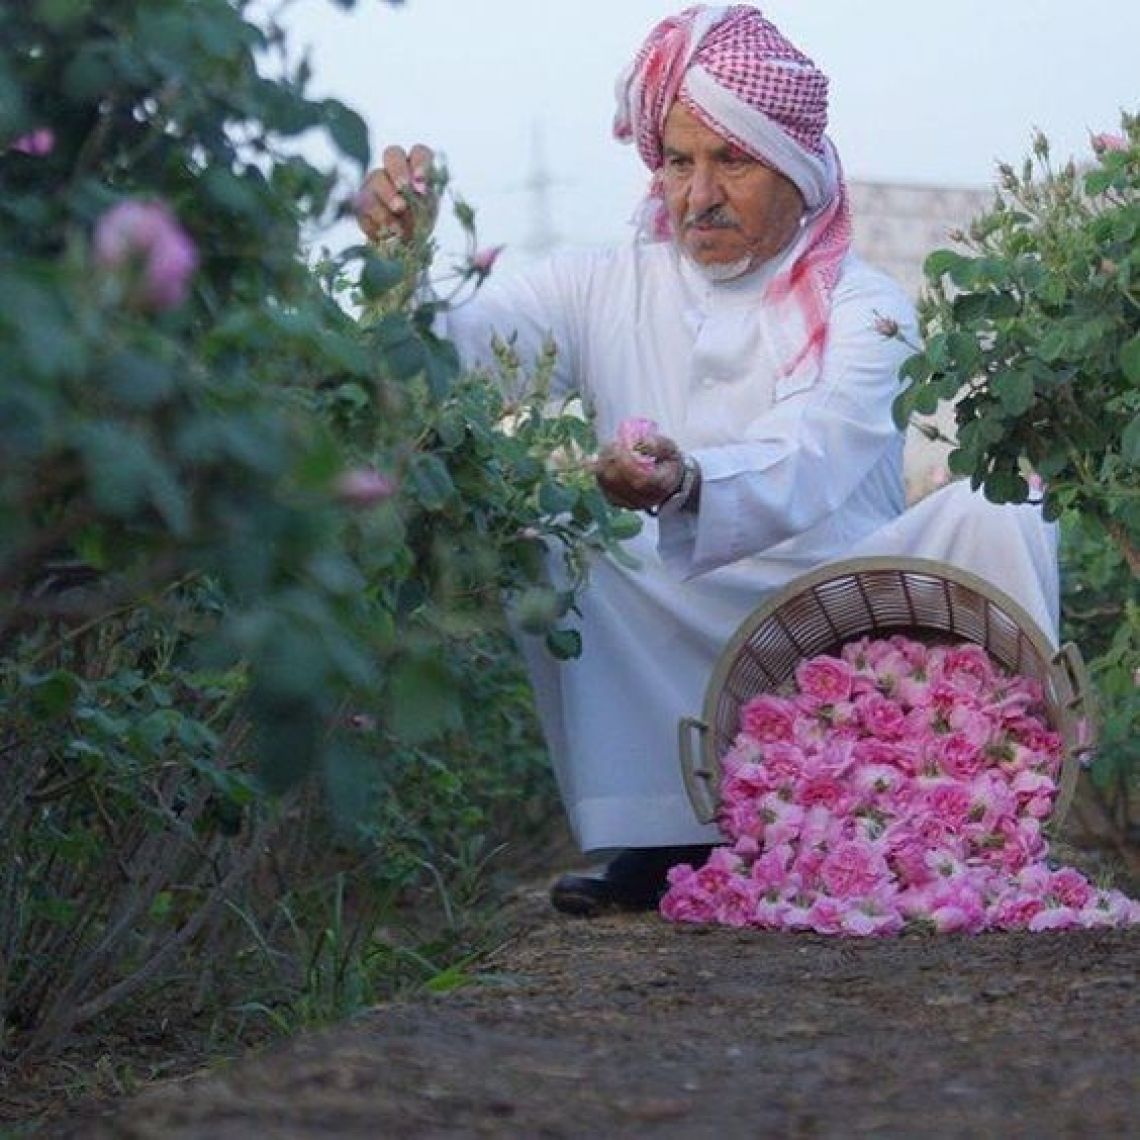 Rose Festival in Oman